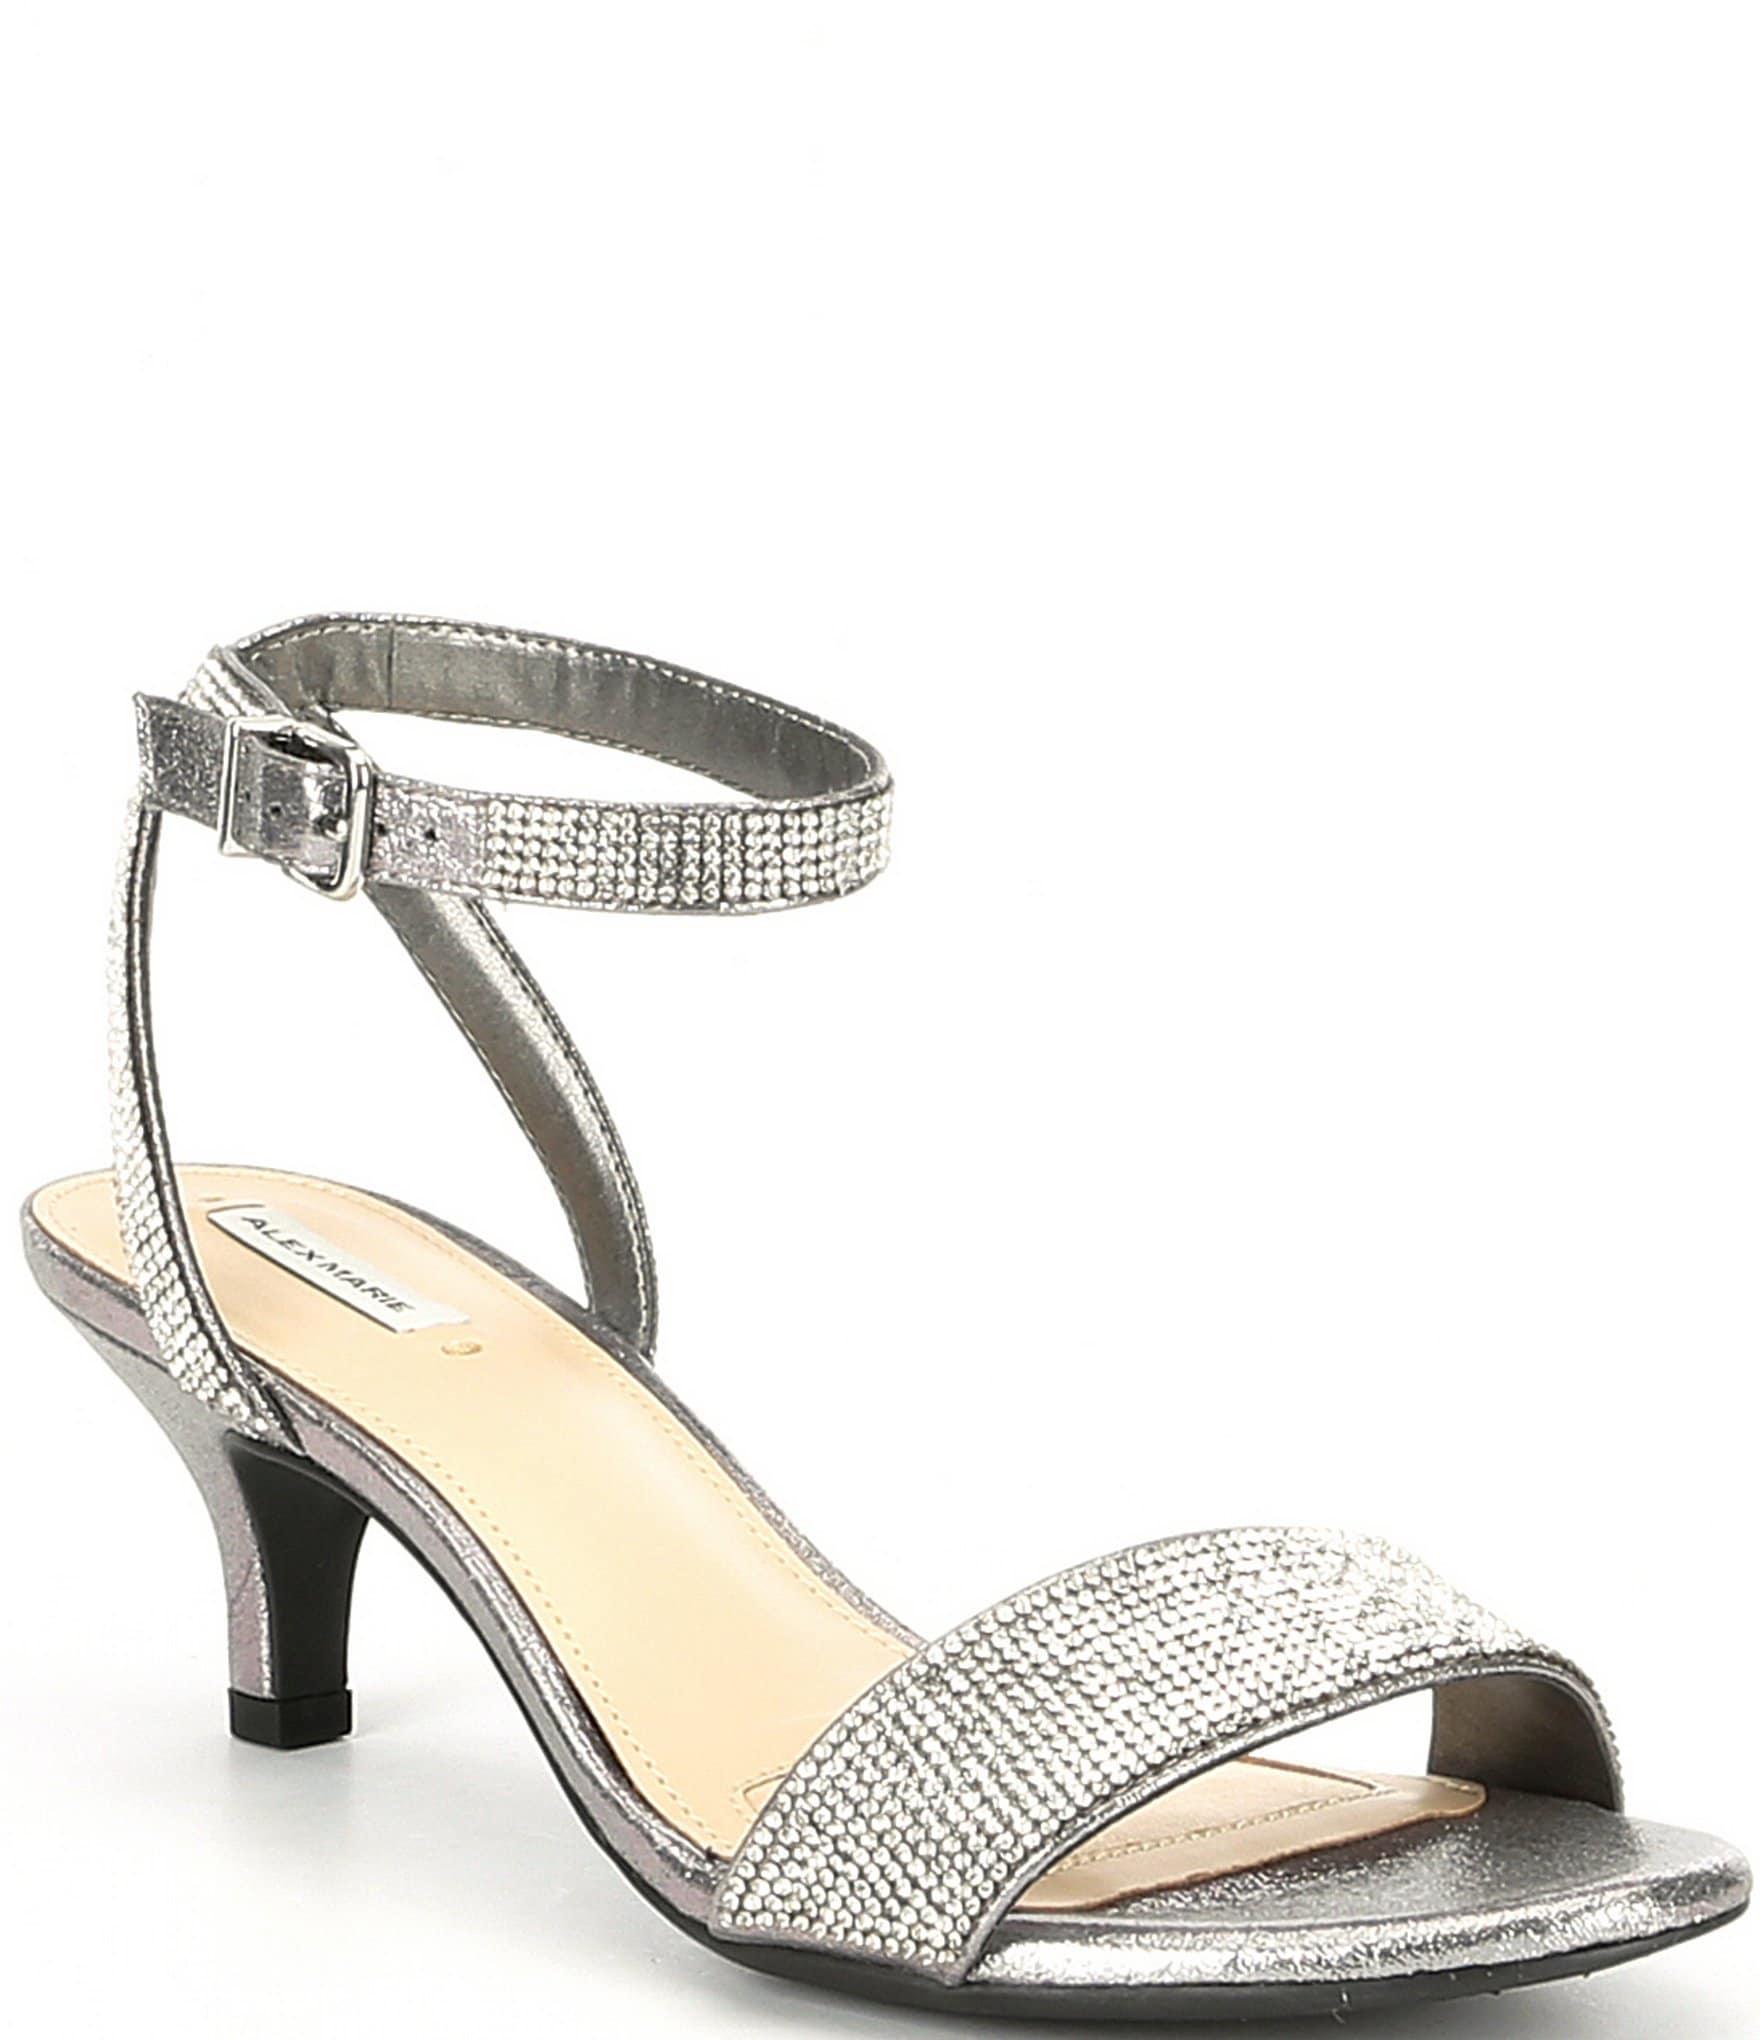 6679e29875b3 Alex Marie Women s Shoes